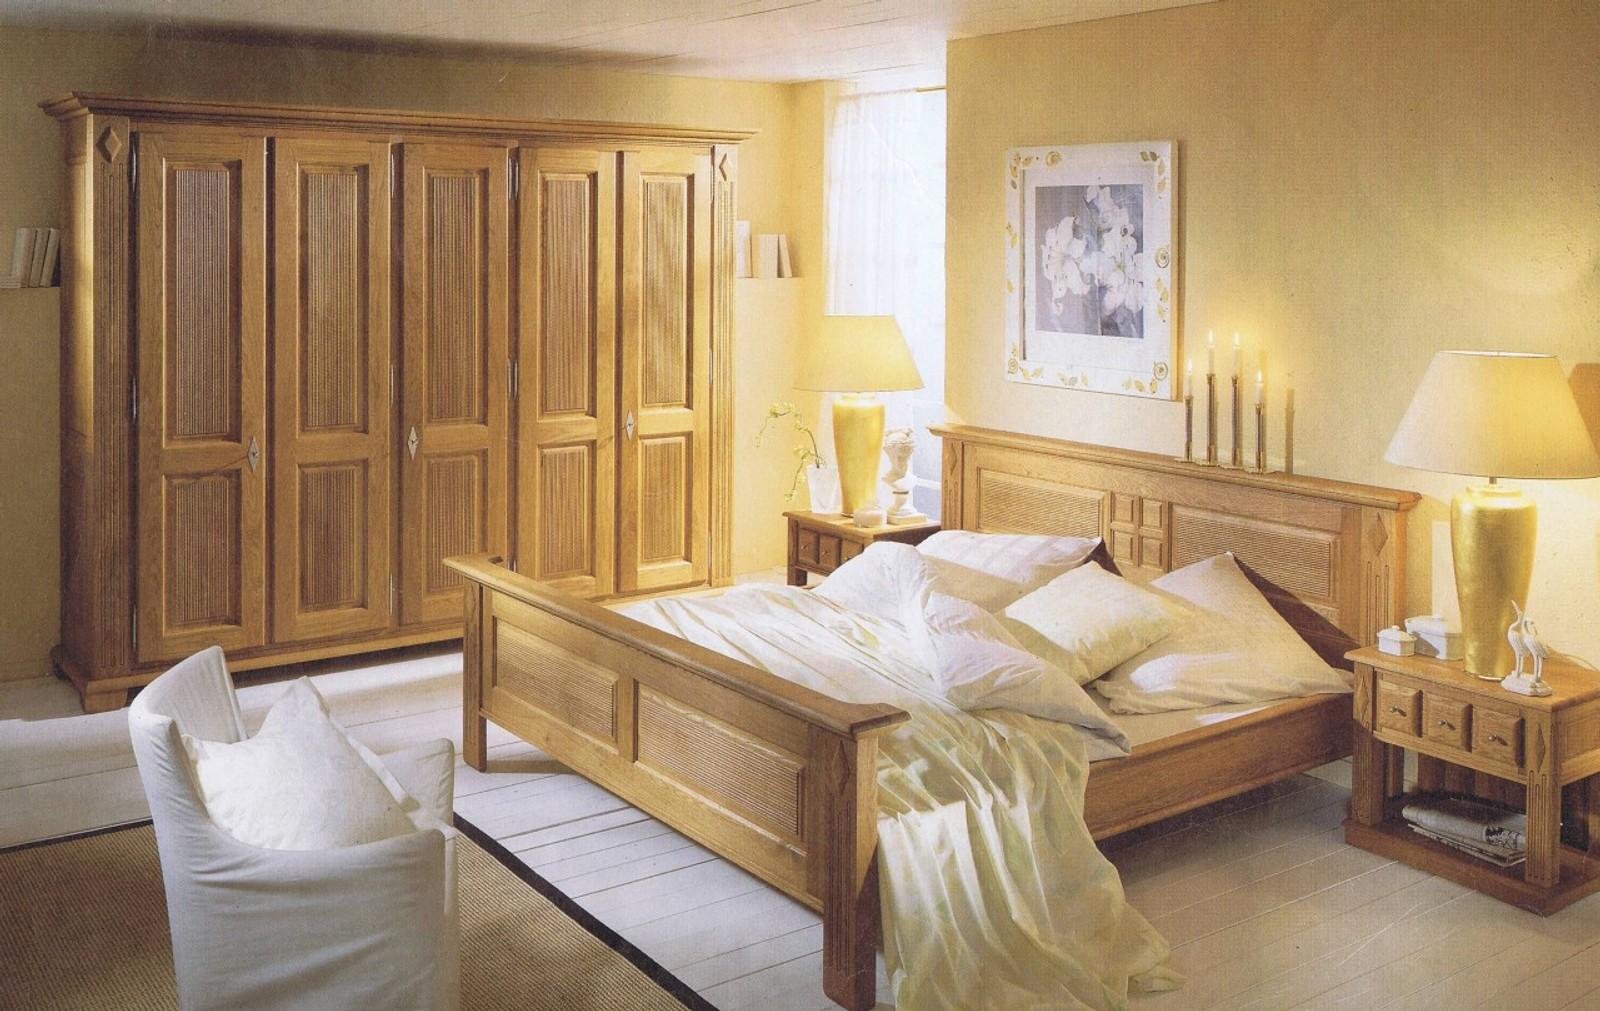 Full Size of Landhausstil Schlafzimmer Schlafzimmerprogramm Perigo Im Massivholz Betten Regal Schränke Kommode Weiß Deckenleuchte Günstige Wandlampe Wohnzimmer Tapeten Schlafzimmer Landhausstil Schlafzimmer